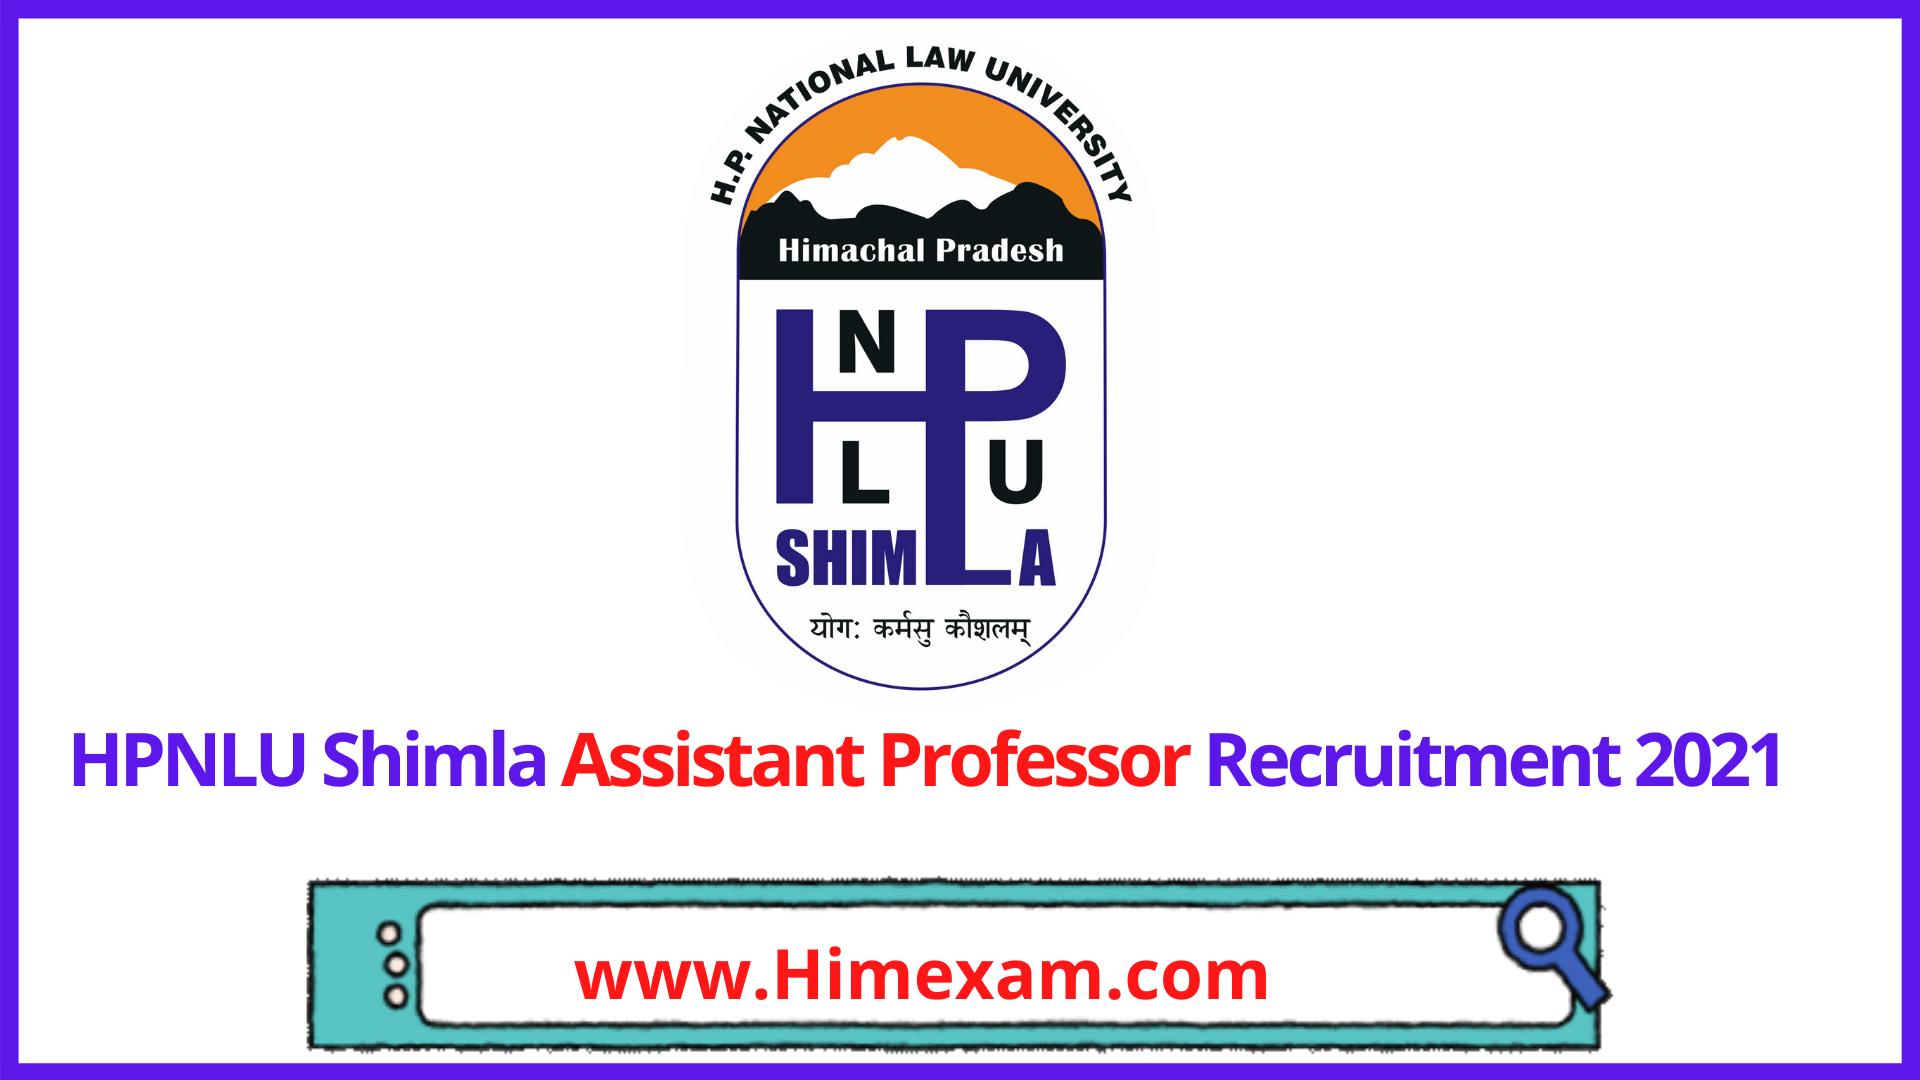 HPNLU Shimla Assistant Professor Recruitment 2021